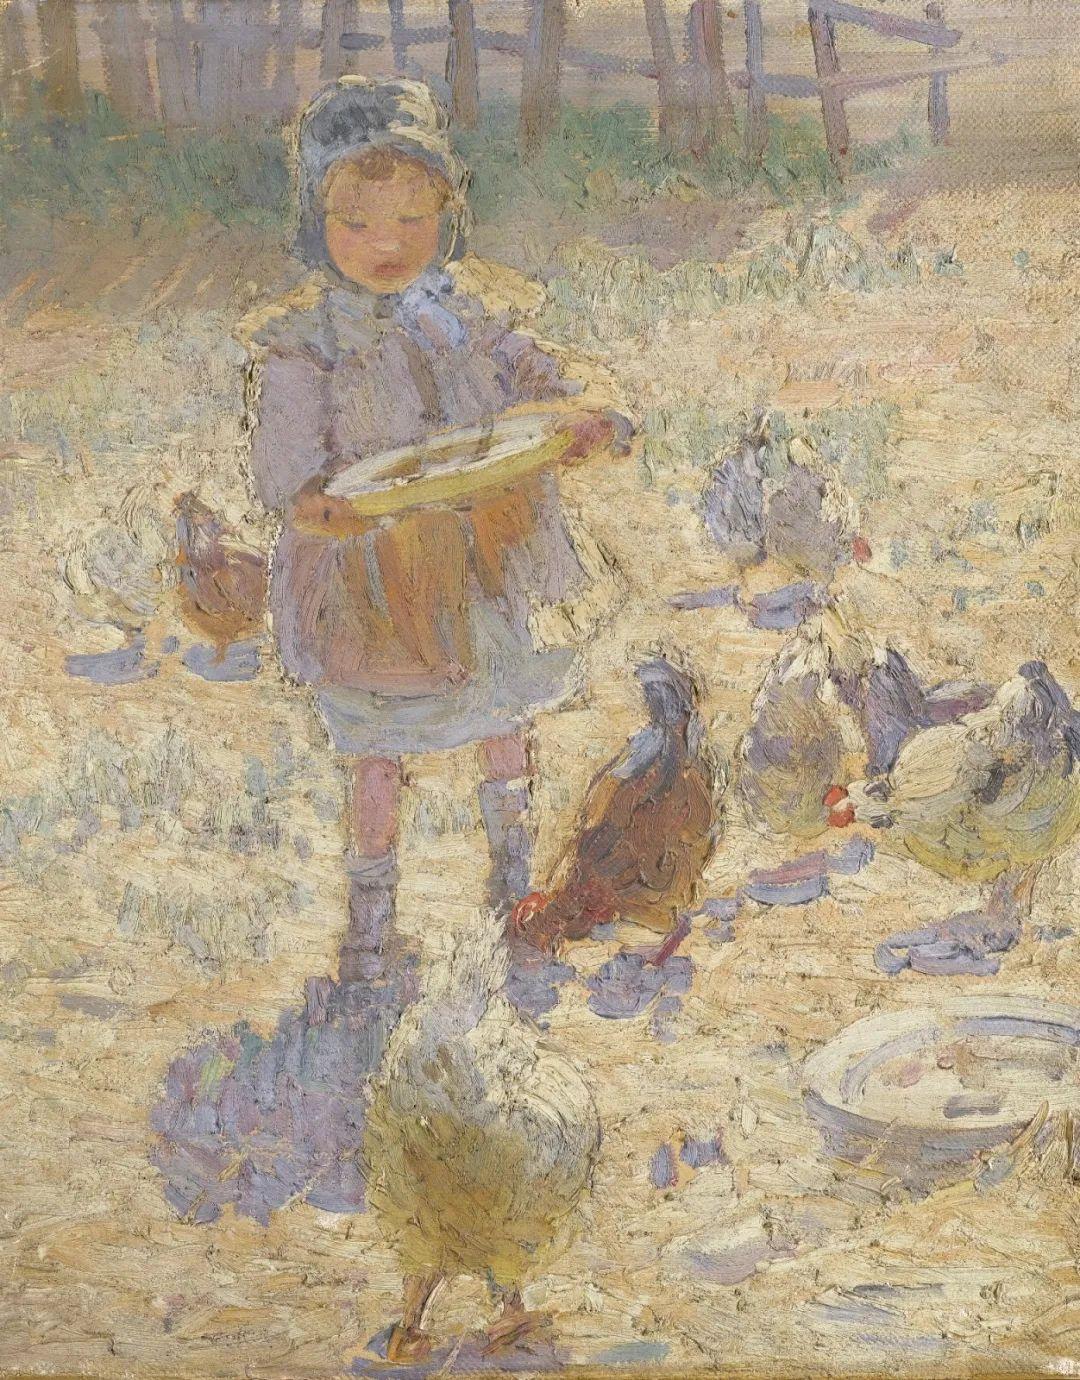 充满着写意风格的绘画,20世纪英国最伟大的女画家之一夏普插图53